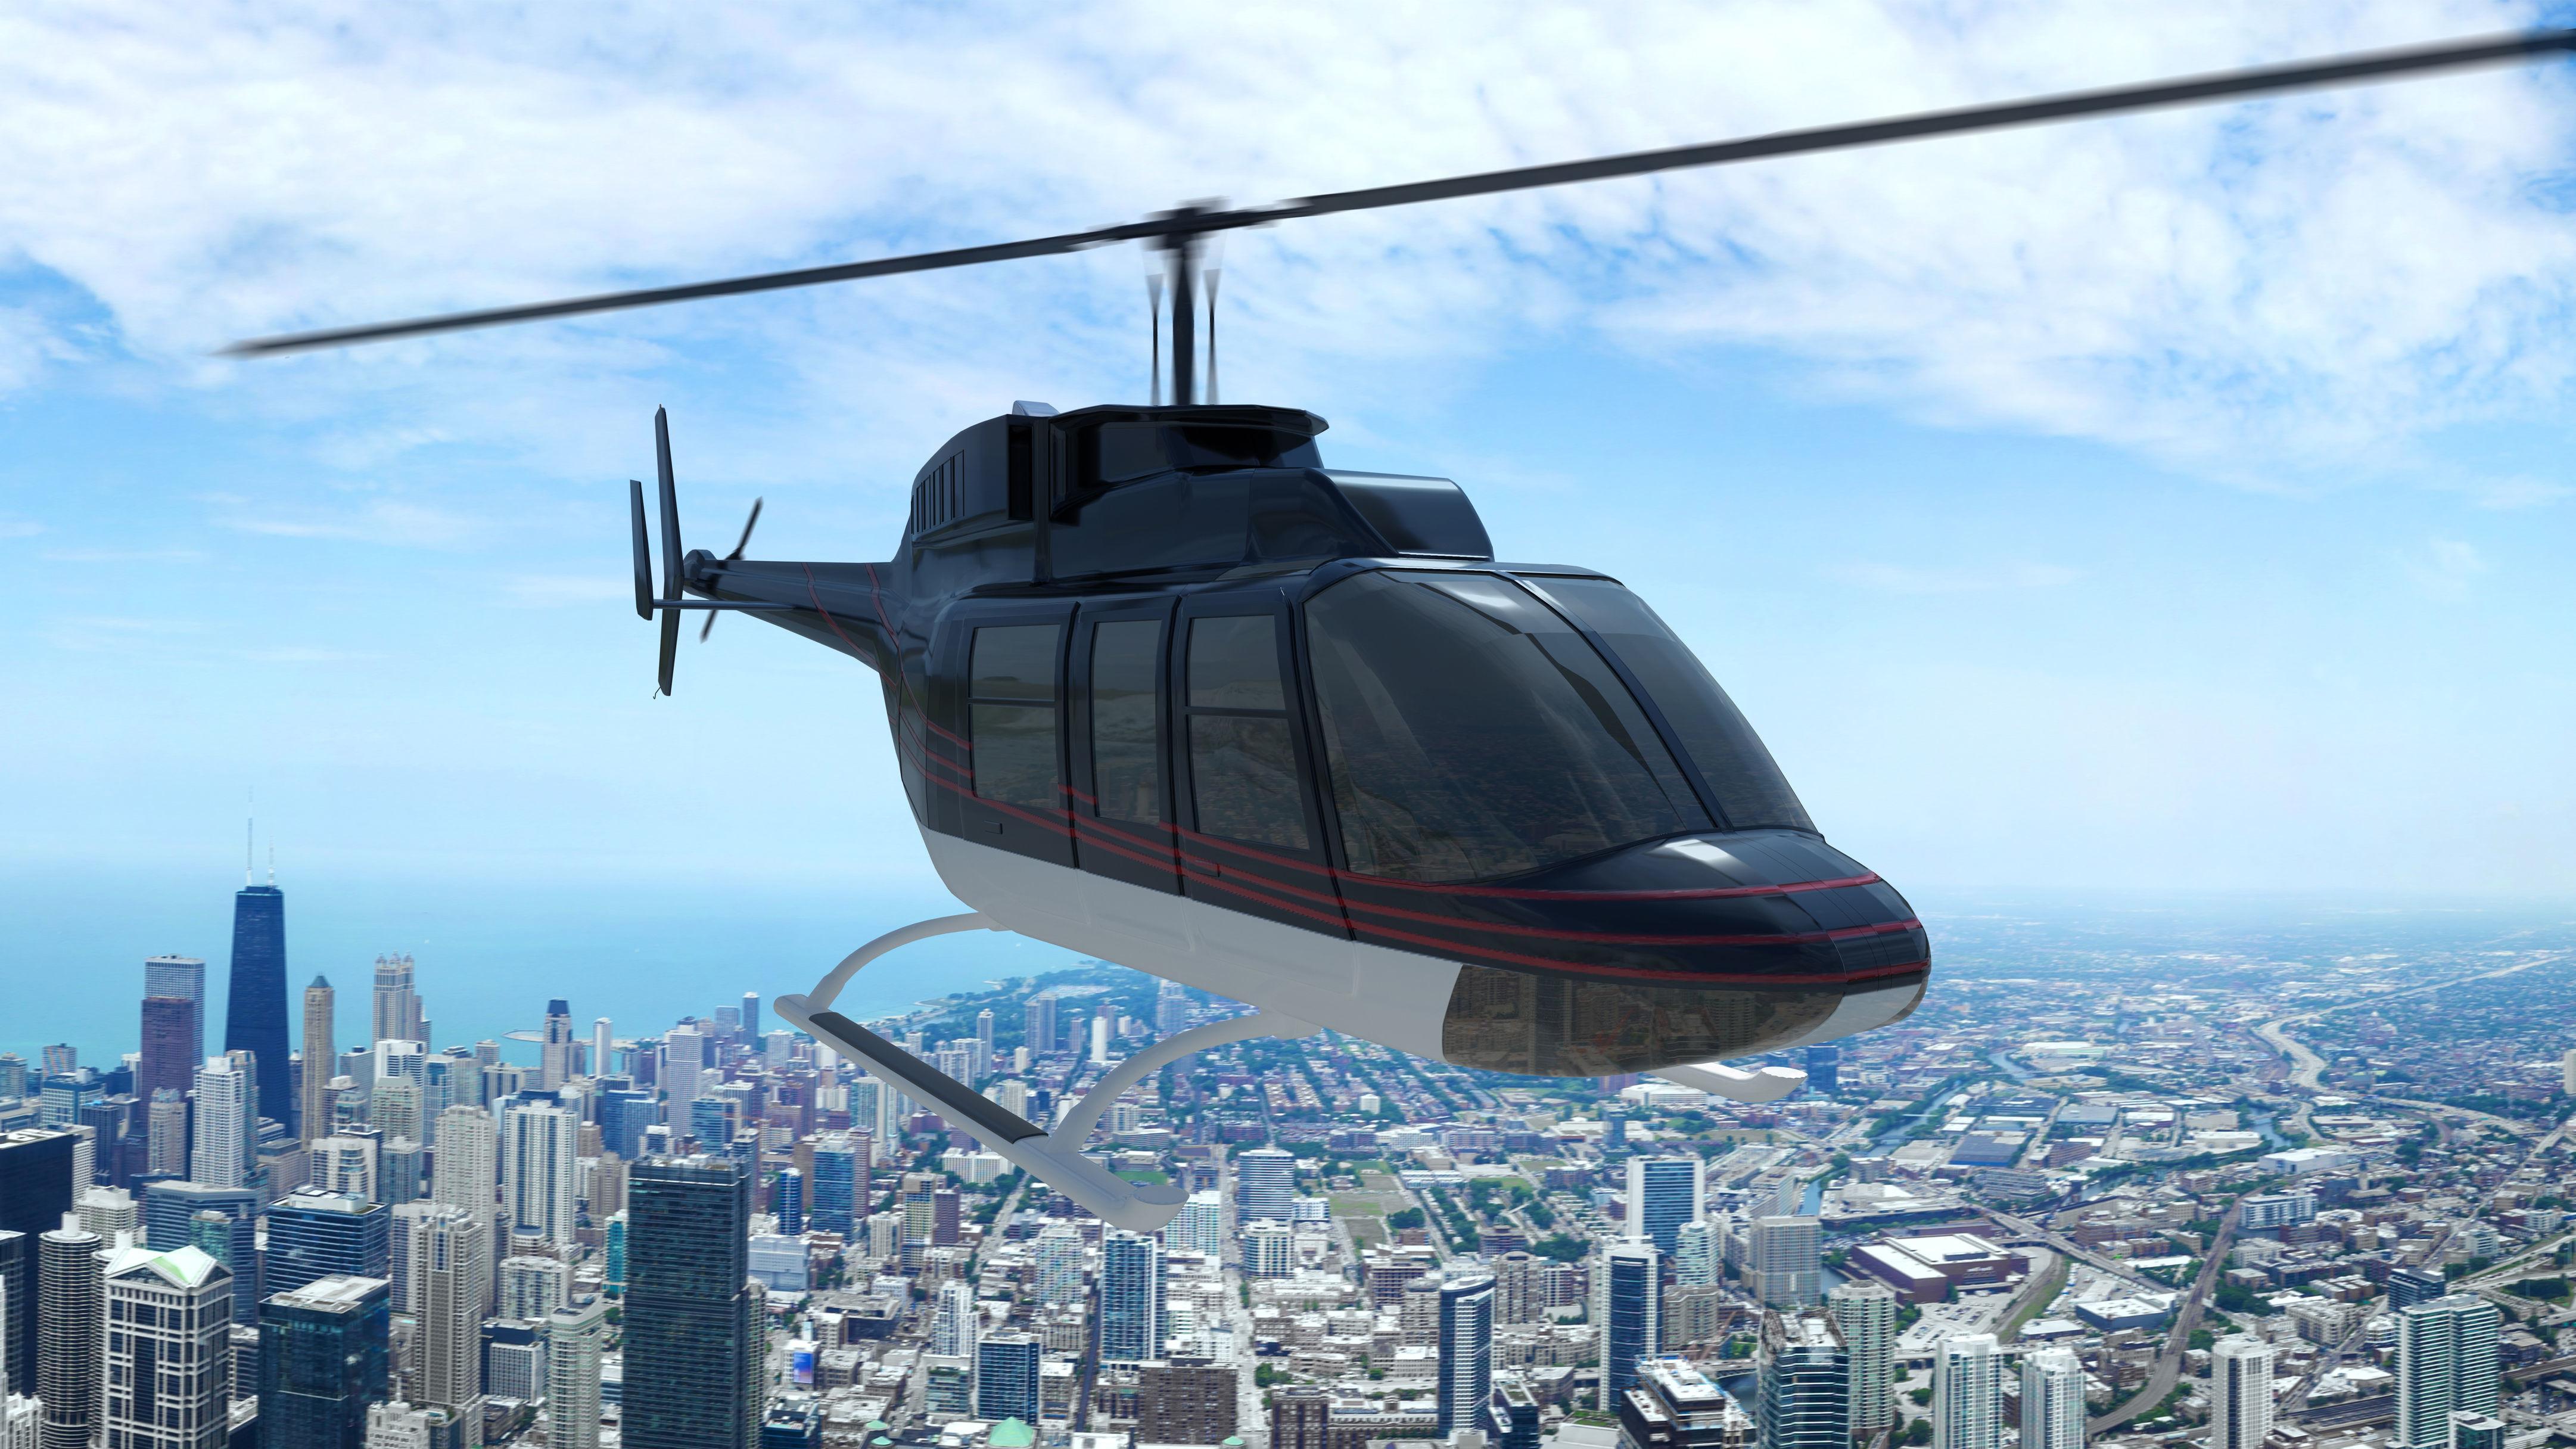 Helicopter Bell 206L-4 Long Ranger IV